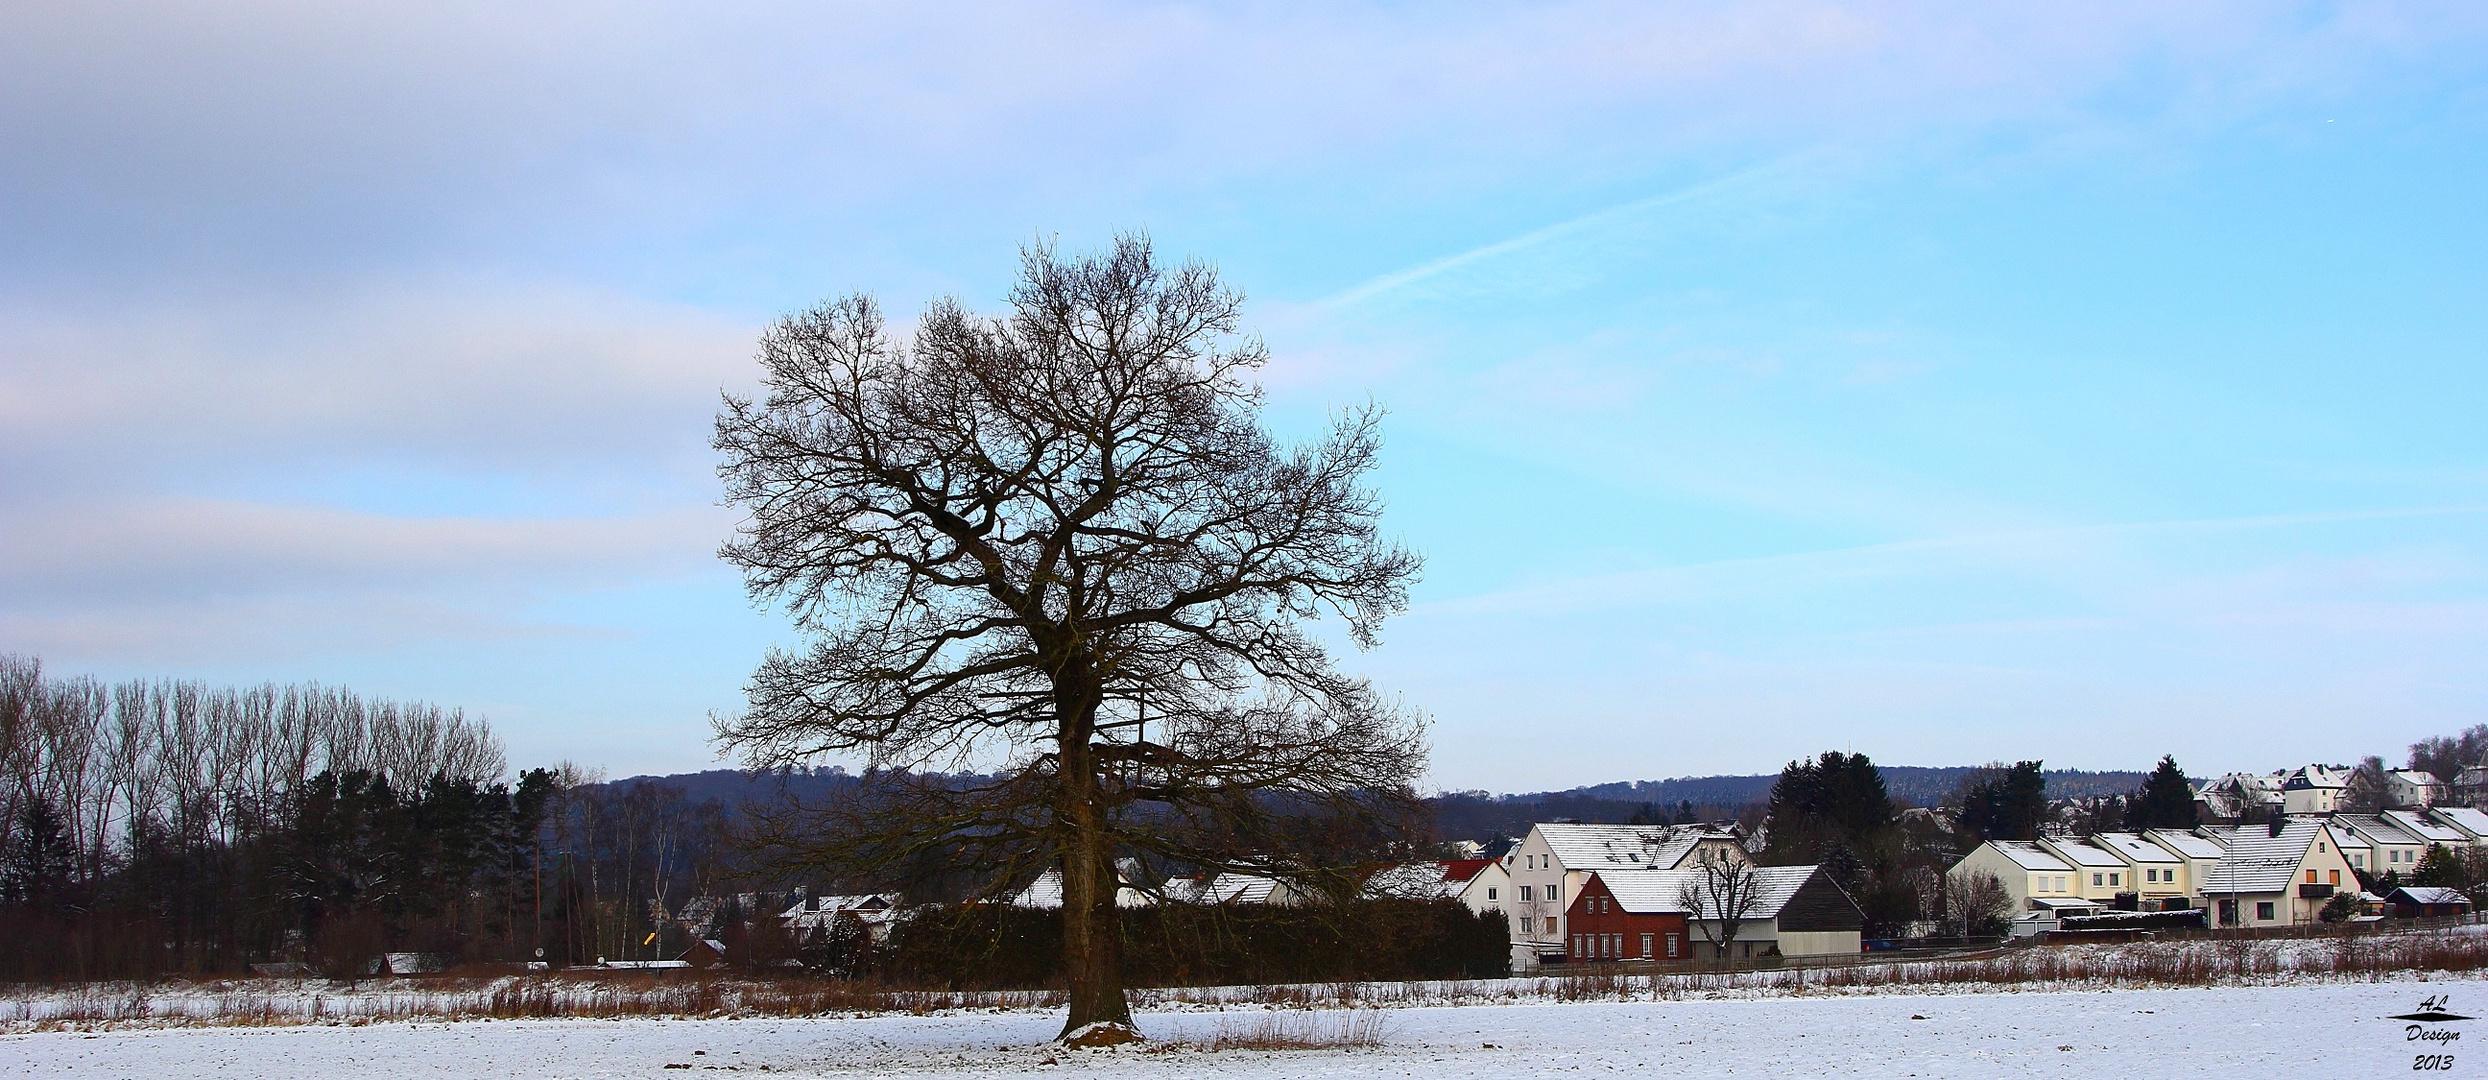 Mein Lieblingsbaum bzw. Jahresprojekt